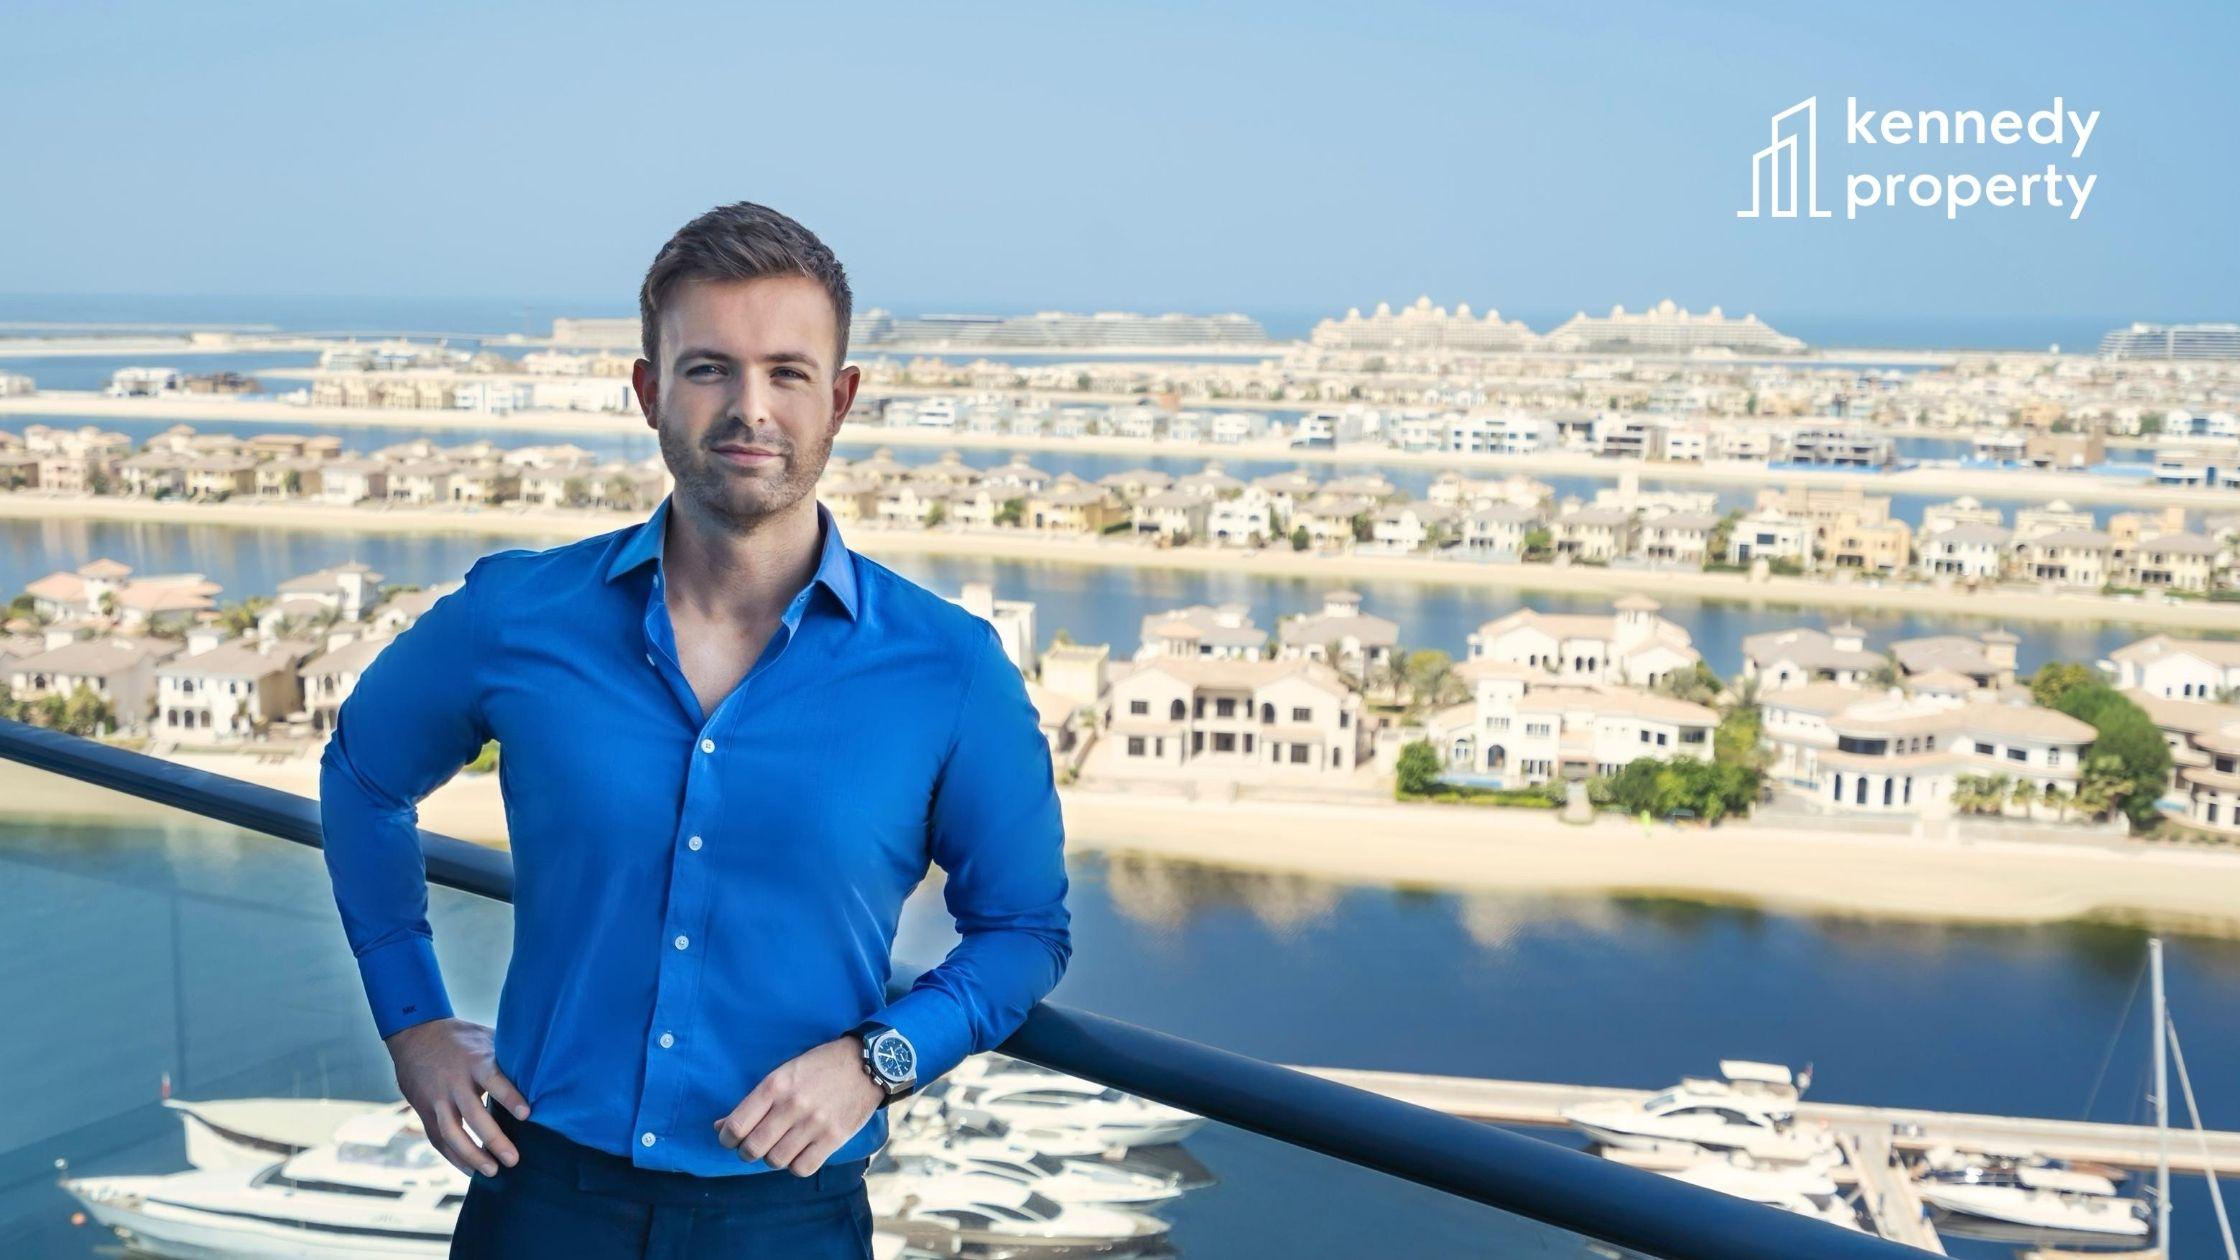 Mark Kennedy Dubai Kennedy Property